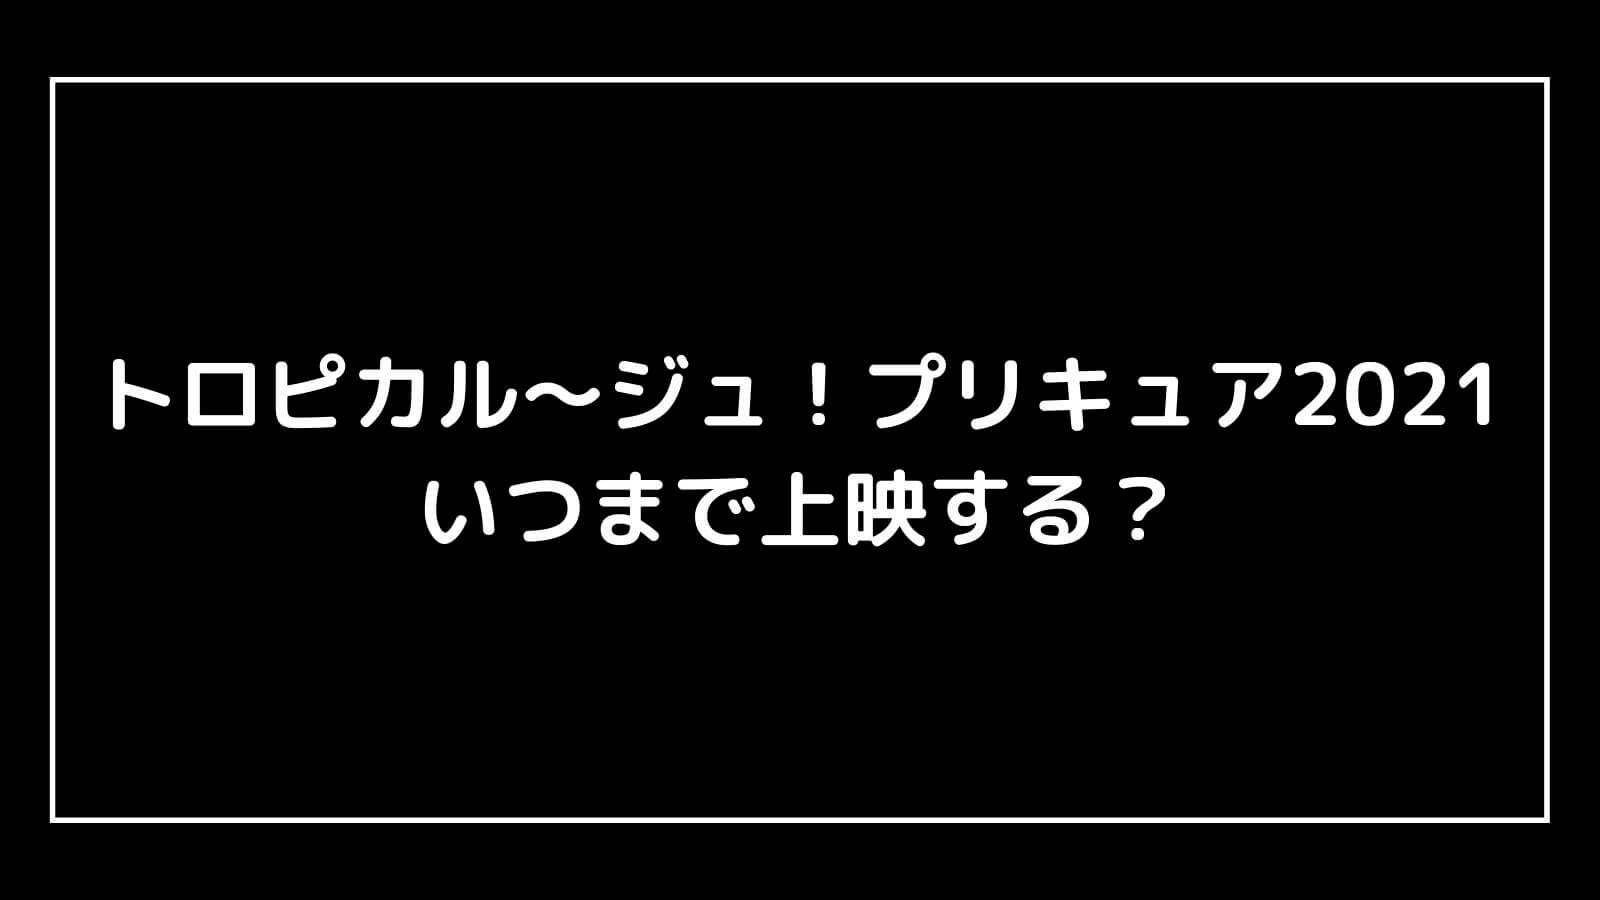 映画『トロピカル~ジュ!プリキュア2021』はいつまで上映する?元映画館社員が公開期間を予想【雪のプリンセスと奇跡の指輪!】